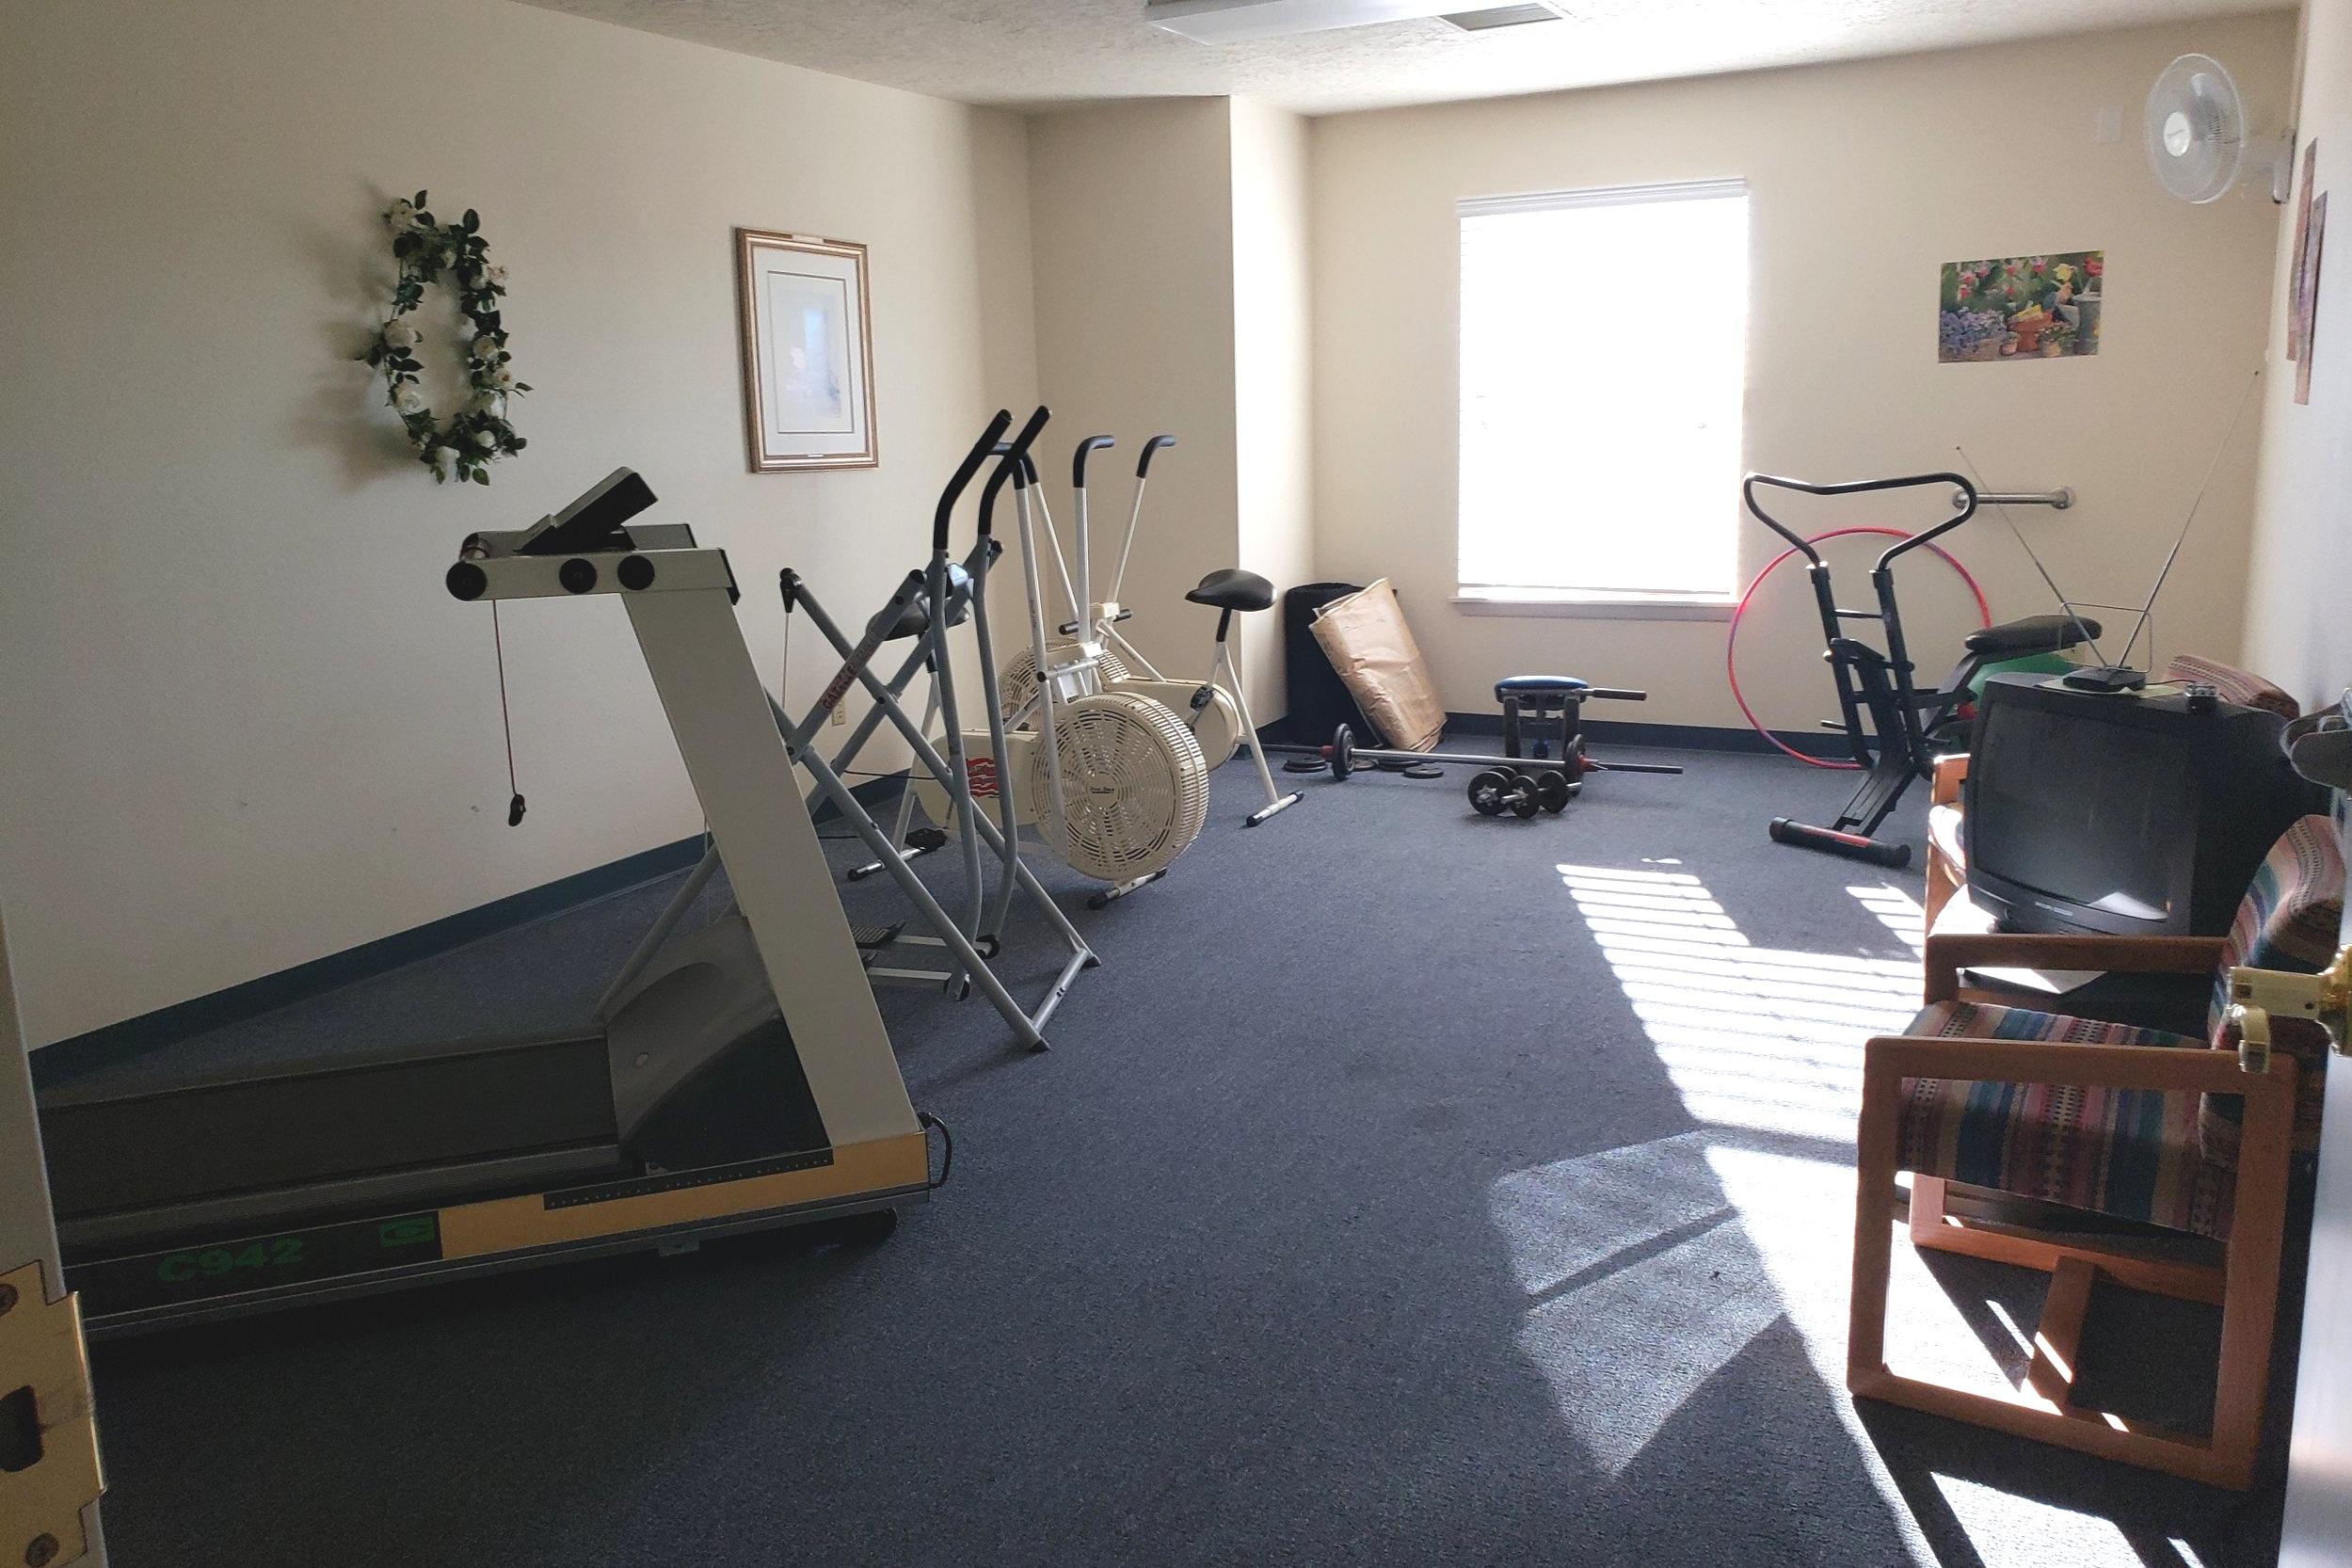 A50102_Fitness area_2018Nov14.jpg